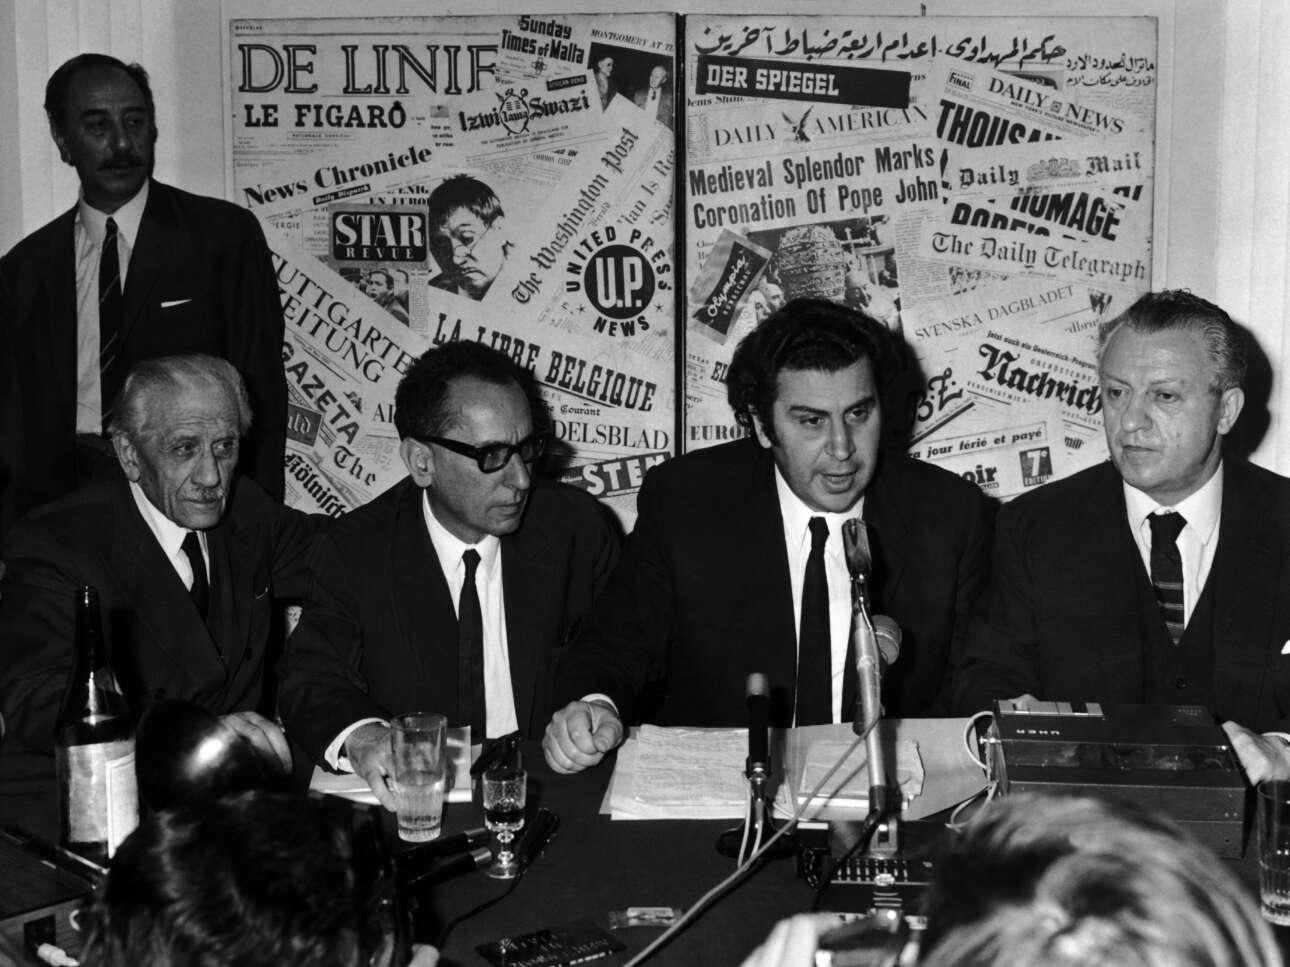 Το 1970 στη Ρώμη - δίνει συνέντευξη Τύπου στο πλαίσιο του αγώνα του κατά της χούντας